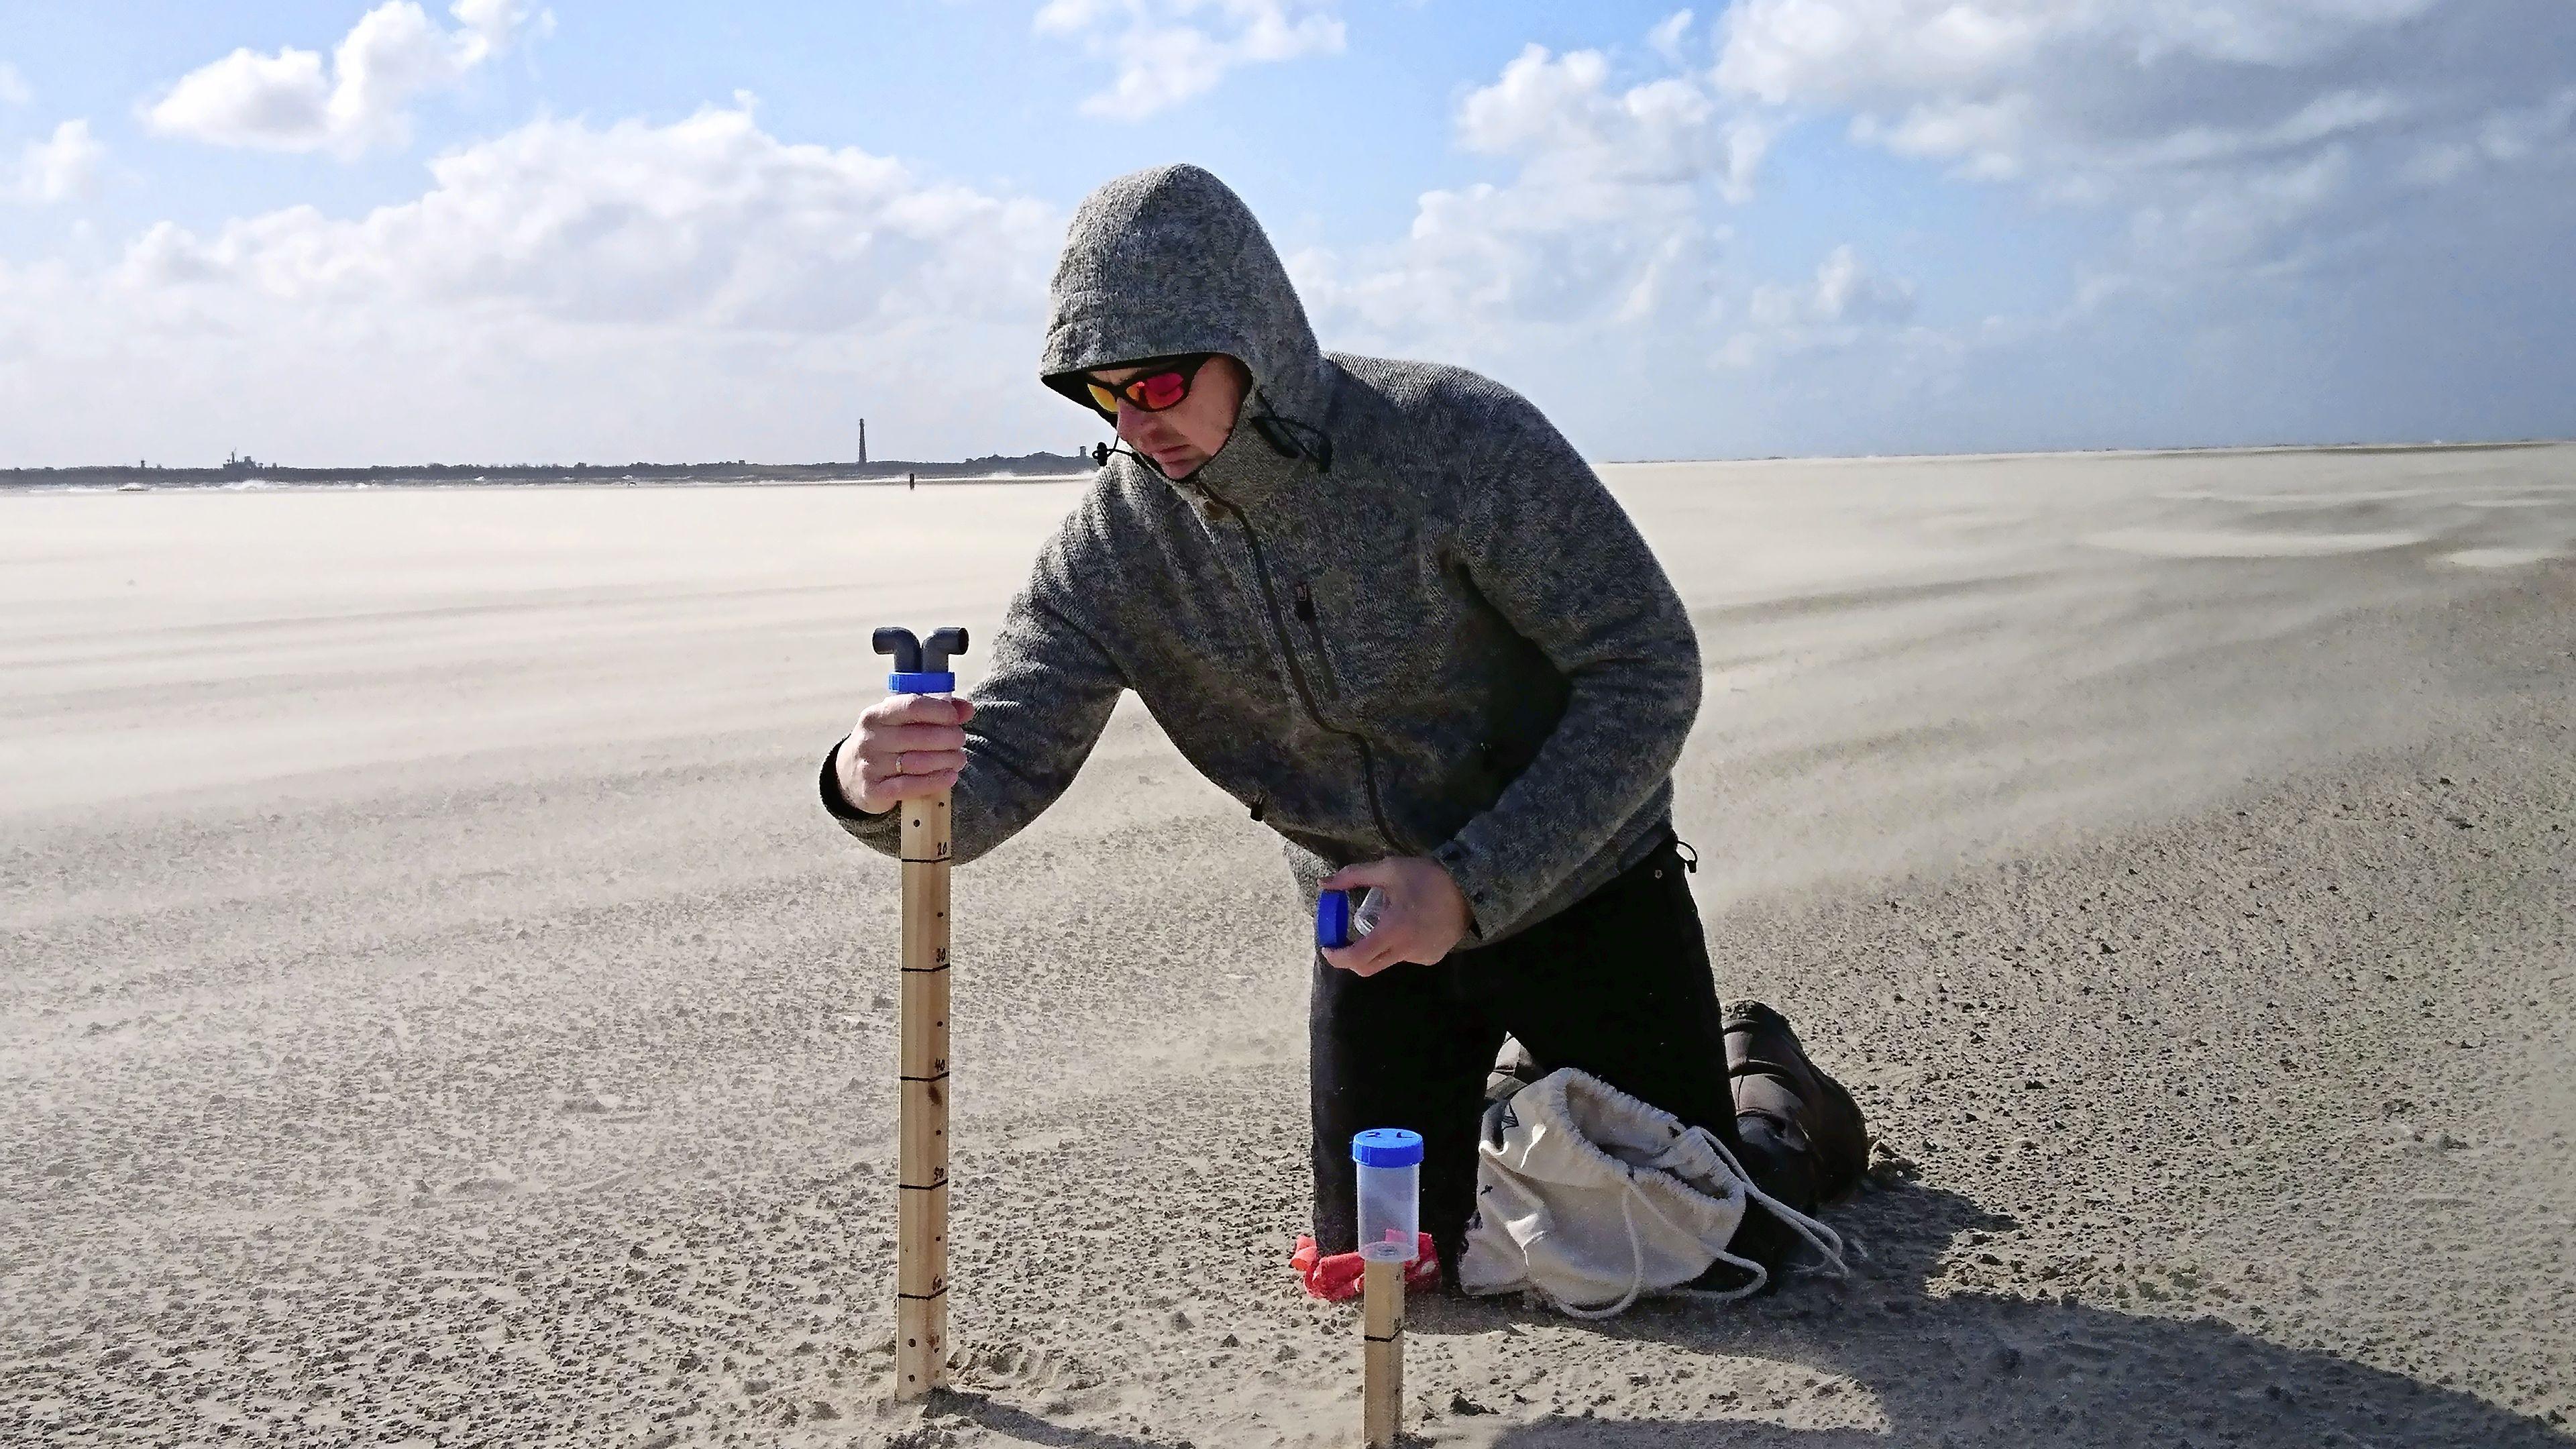 De vloedlijn verandert telkens van tijd en plaats, is ongrijpbaar. Kunstroute de Klifhanger op Texel doet een poging het verschijnsel vast te leggen in verschillende vormen